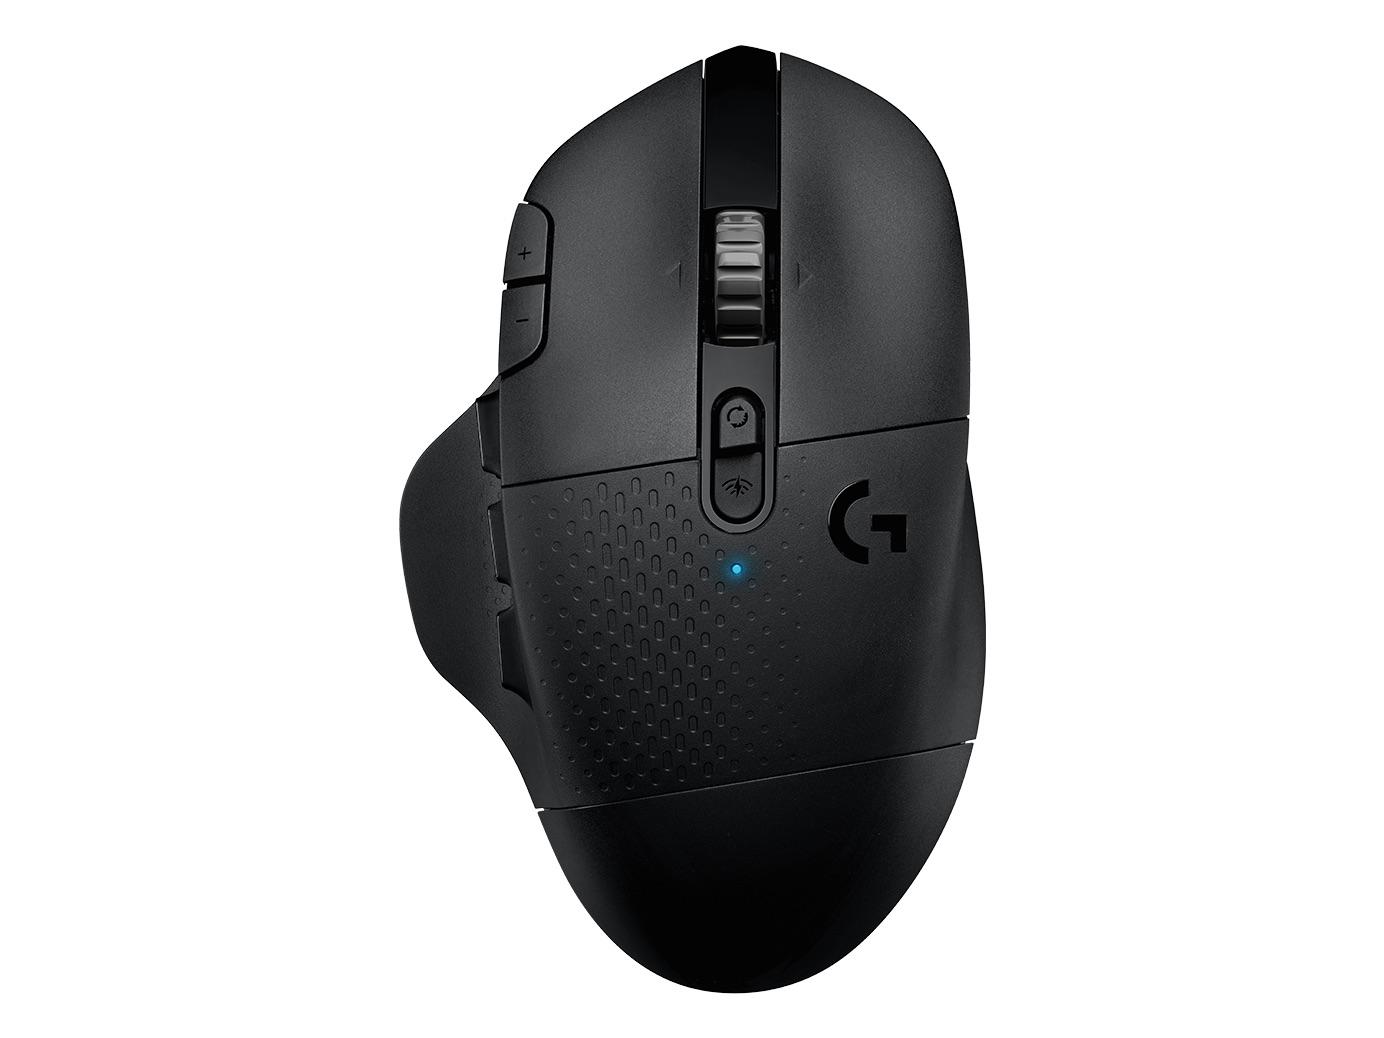 G604 Lightspeed image